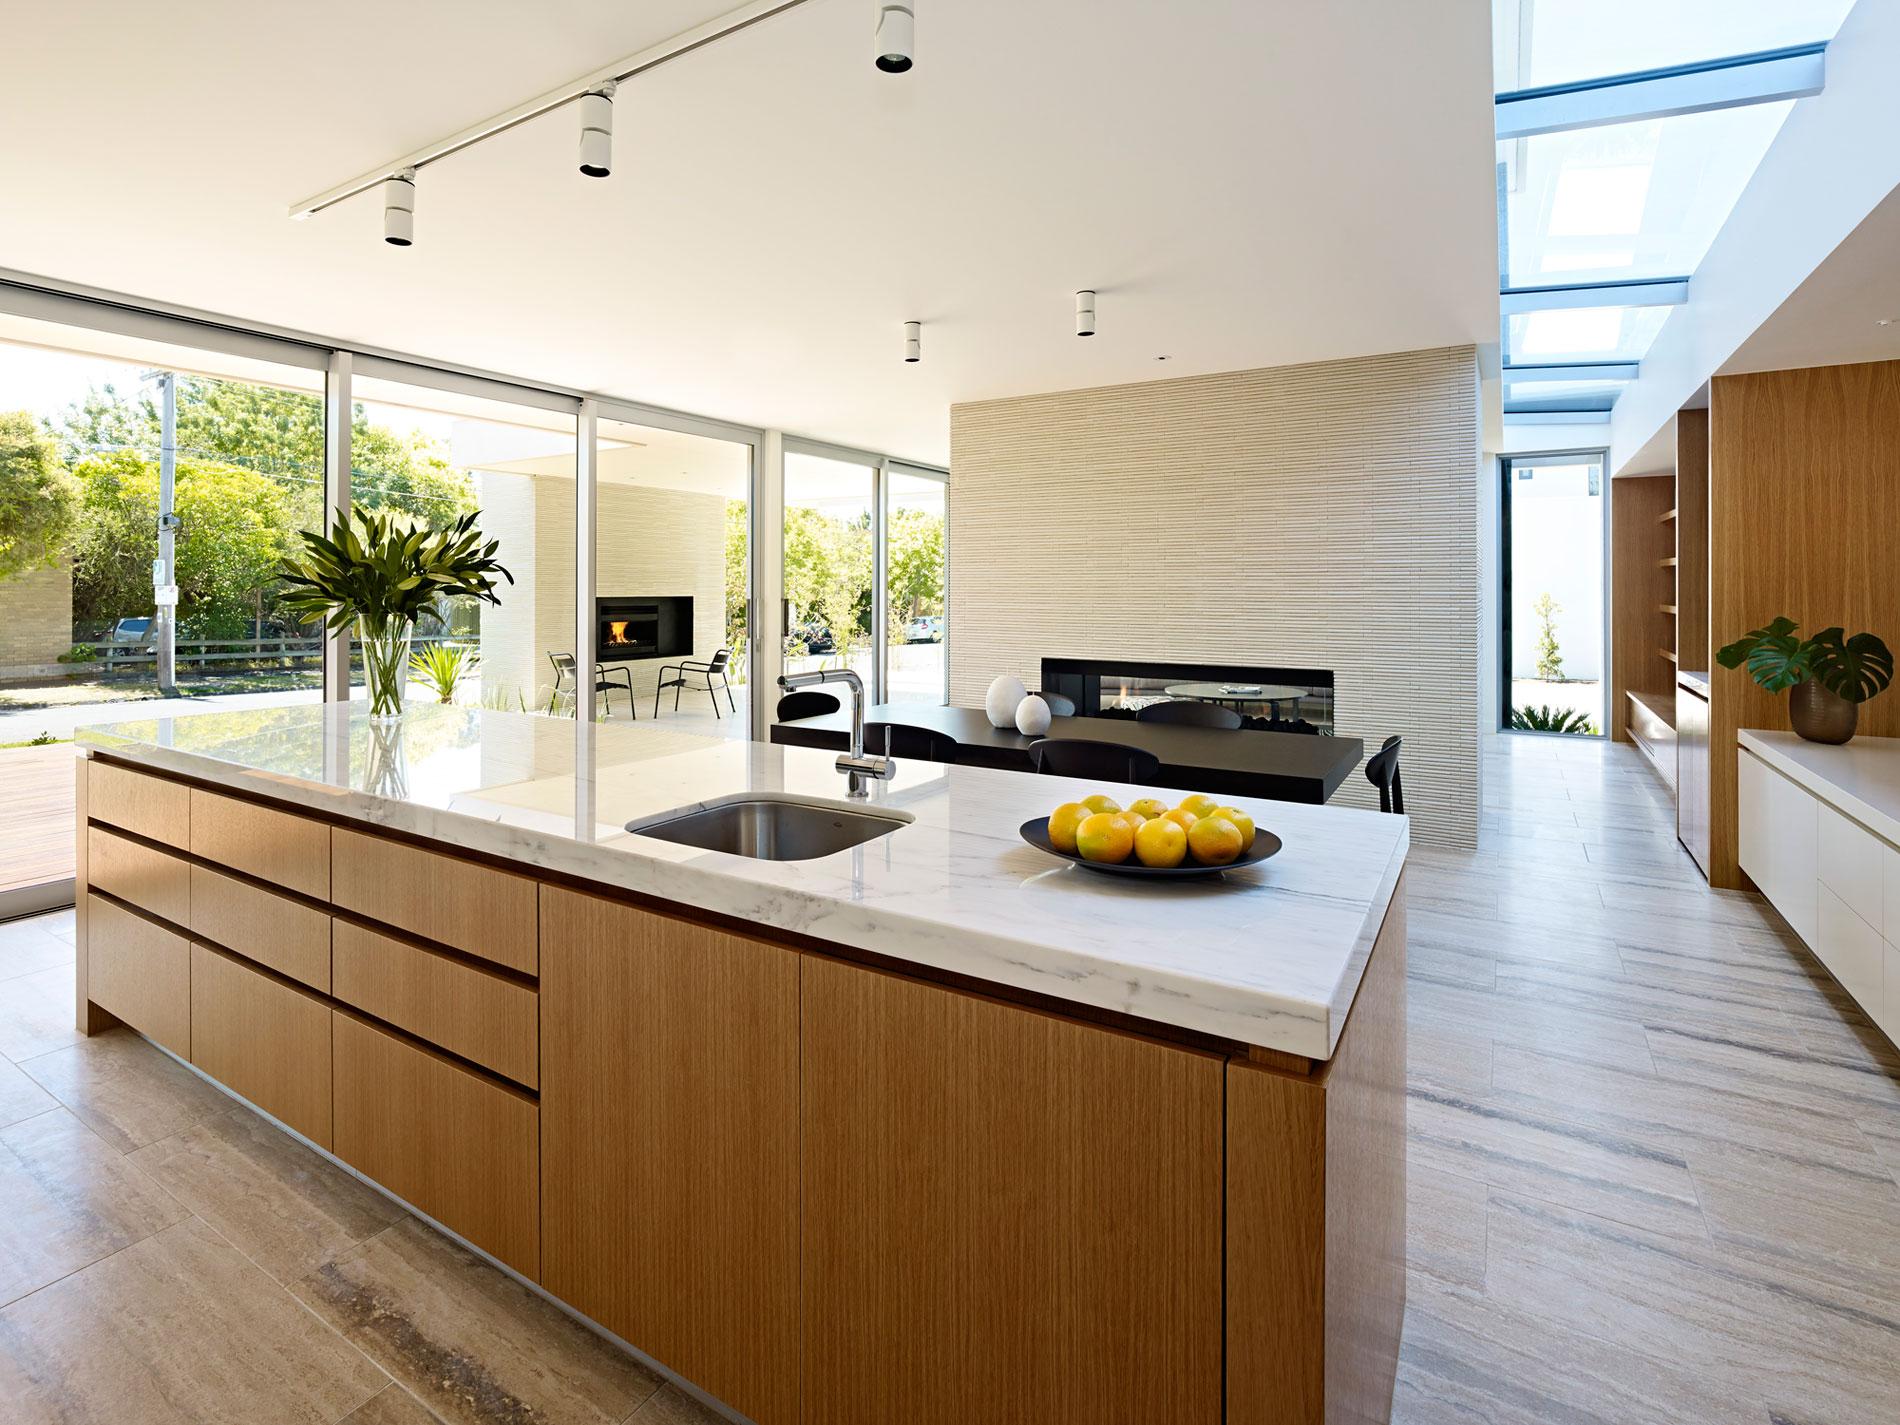 Мраморные столешницы для интерьера кухни - Фото 12